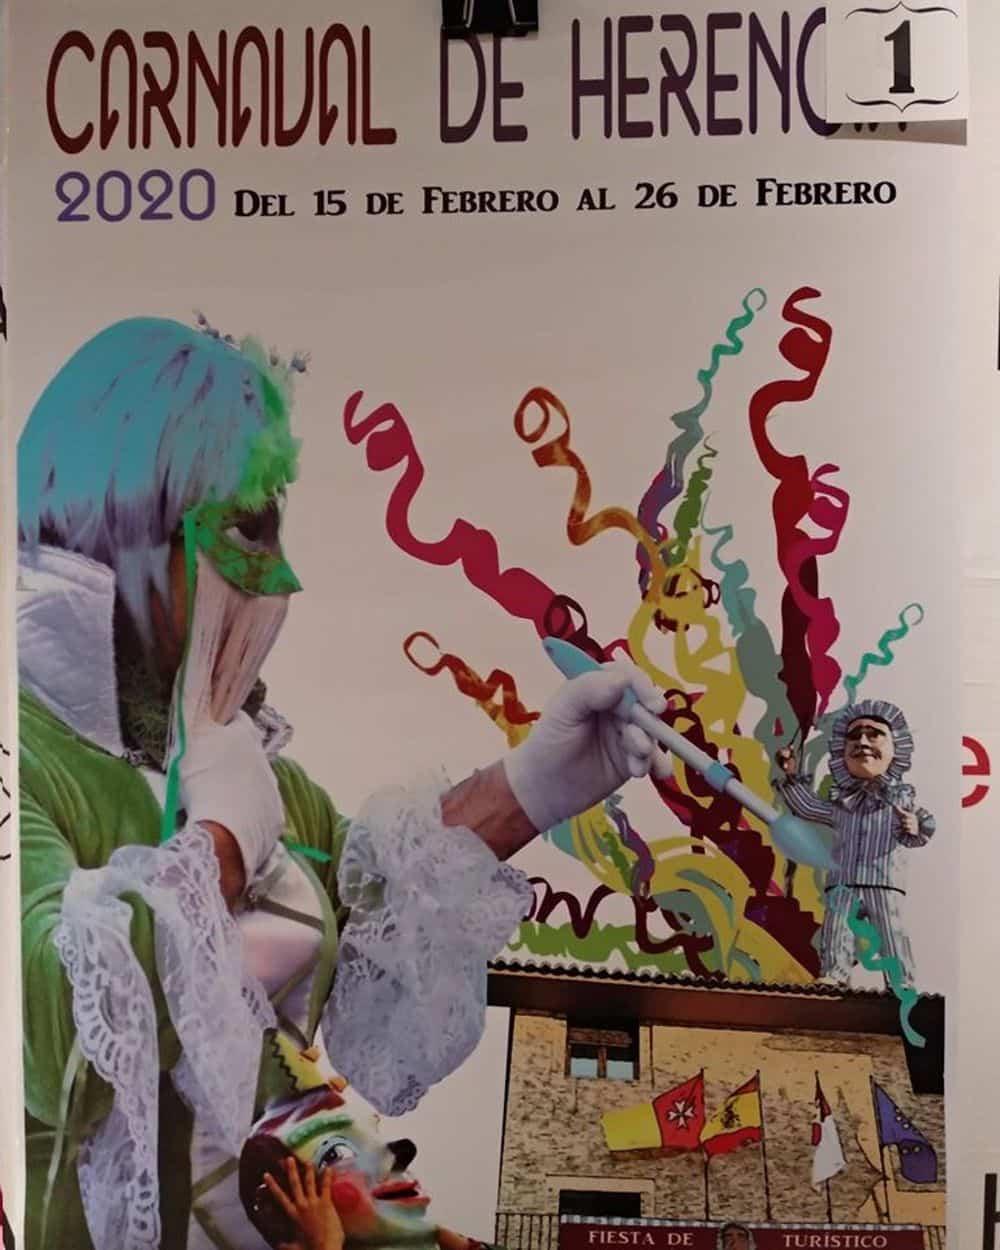 carteles carnaval 2020 herencia 6 - Conoce los carteles de Carnaval de Herencia 2020, ¿cuál te gusta más?